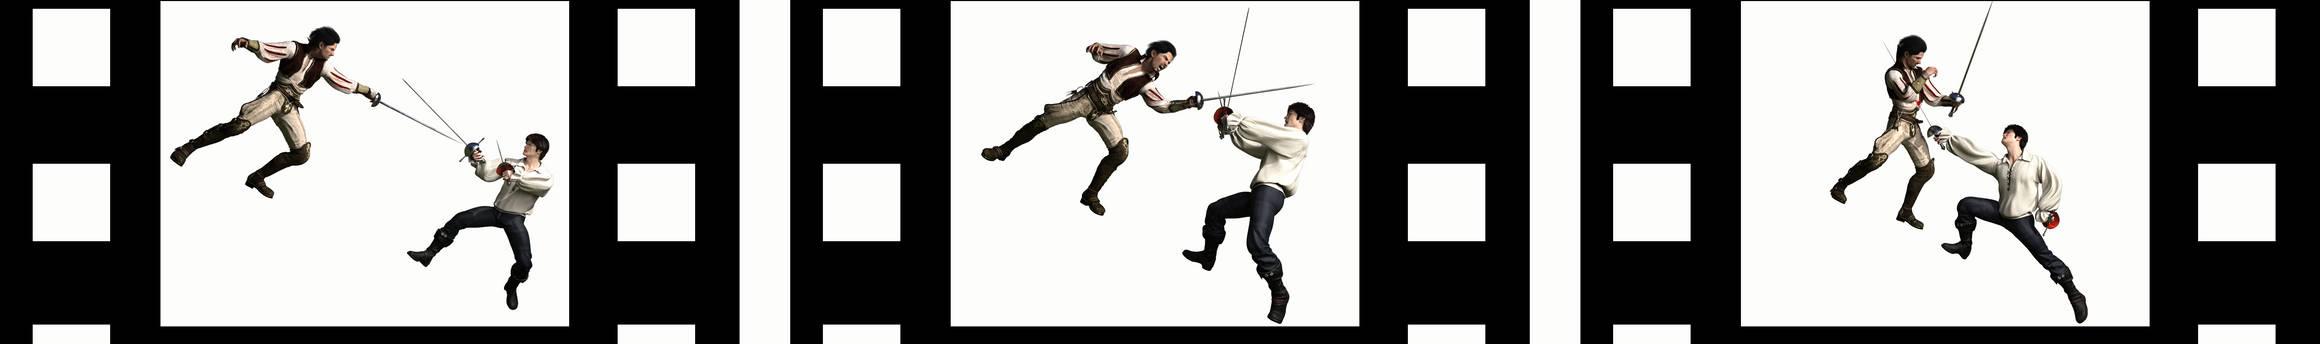 Romeo vs Tybalt study